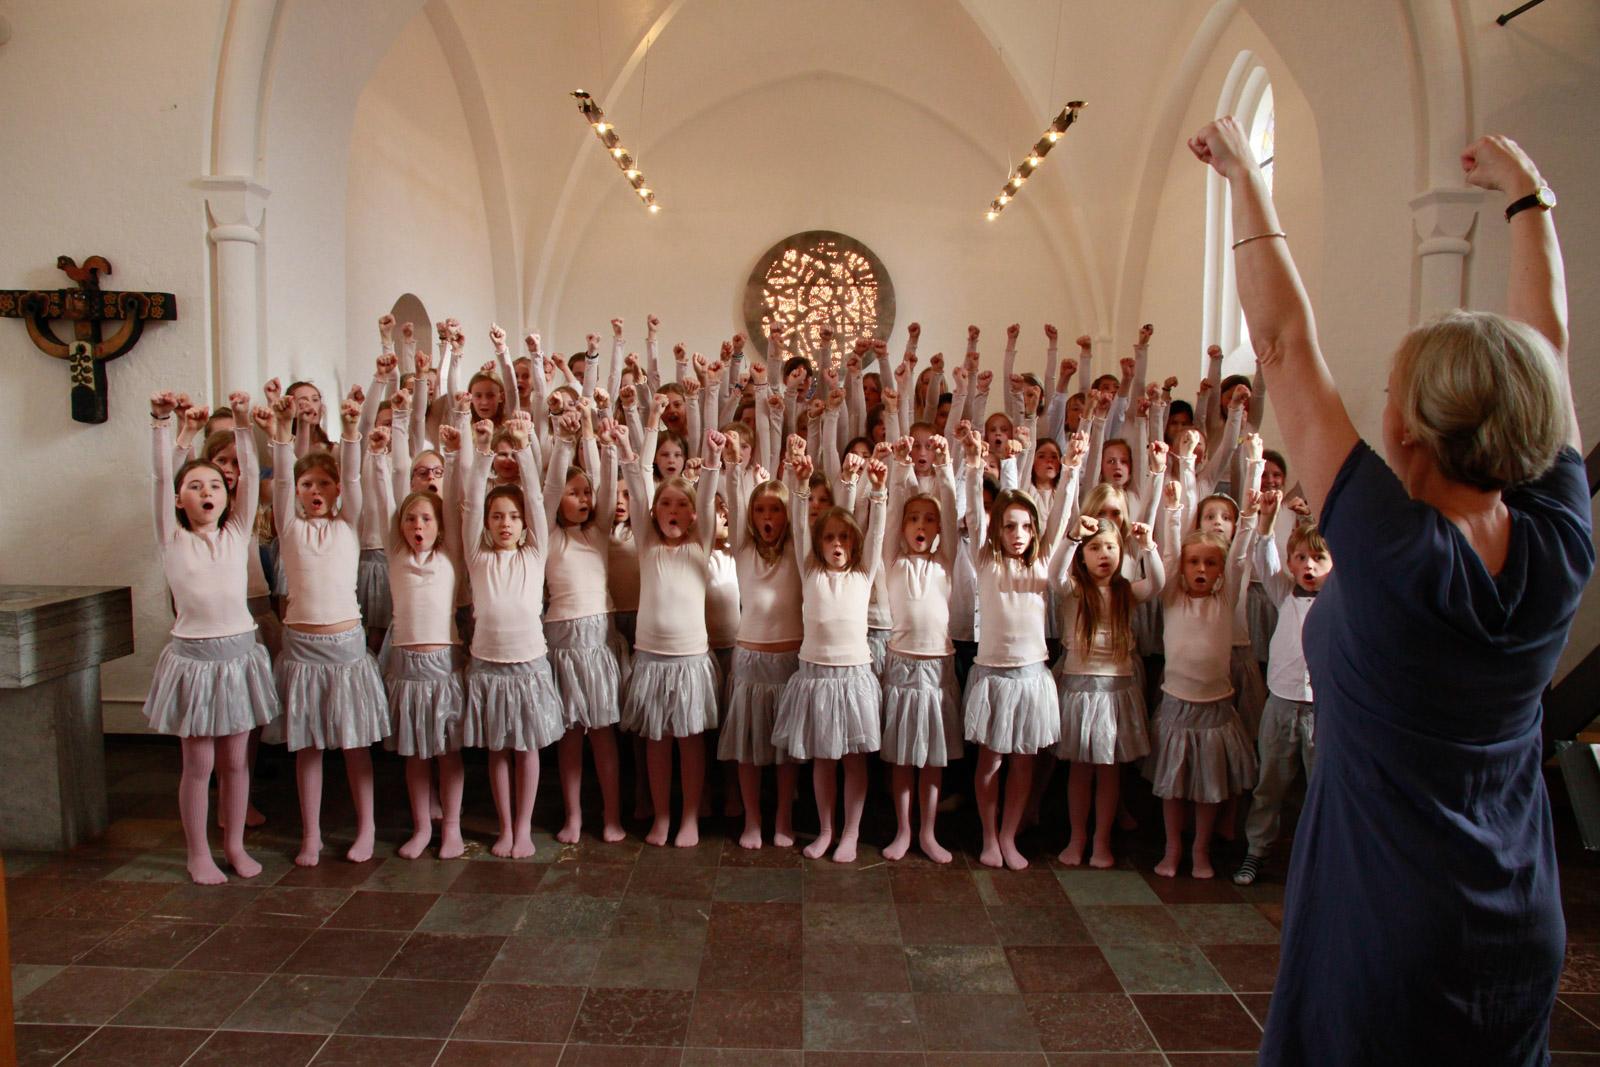 Mange danskere, ung som ældre, har det til fælles, at de synger i kor. Men der mangler data på korområdet, og Augustinus Fonden støtter derfor et projekt, der kortlægger omfanget og karakteren af koraktiviteten i Danmark.